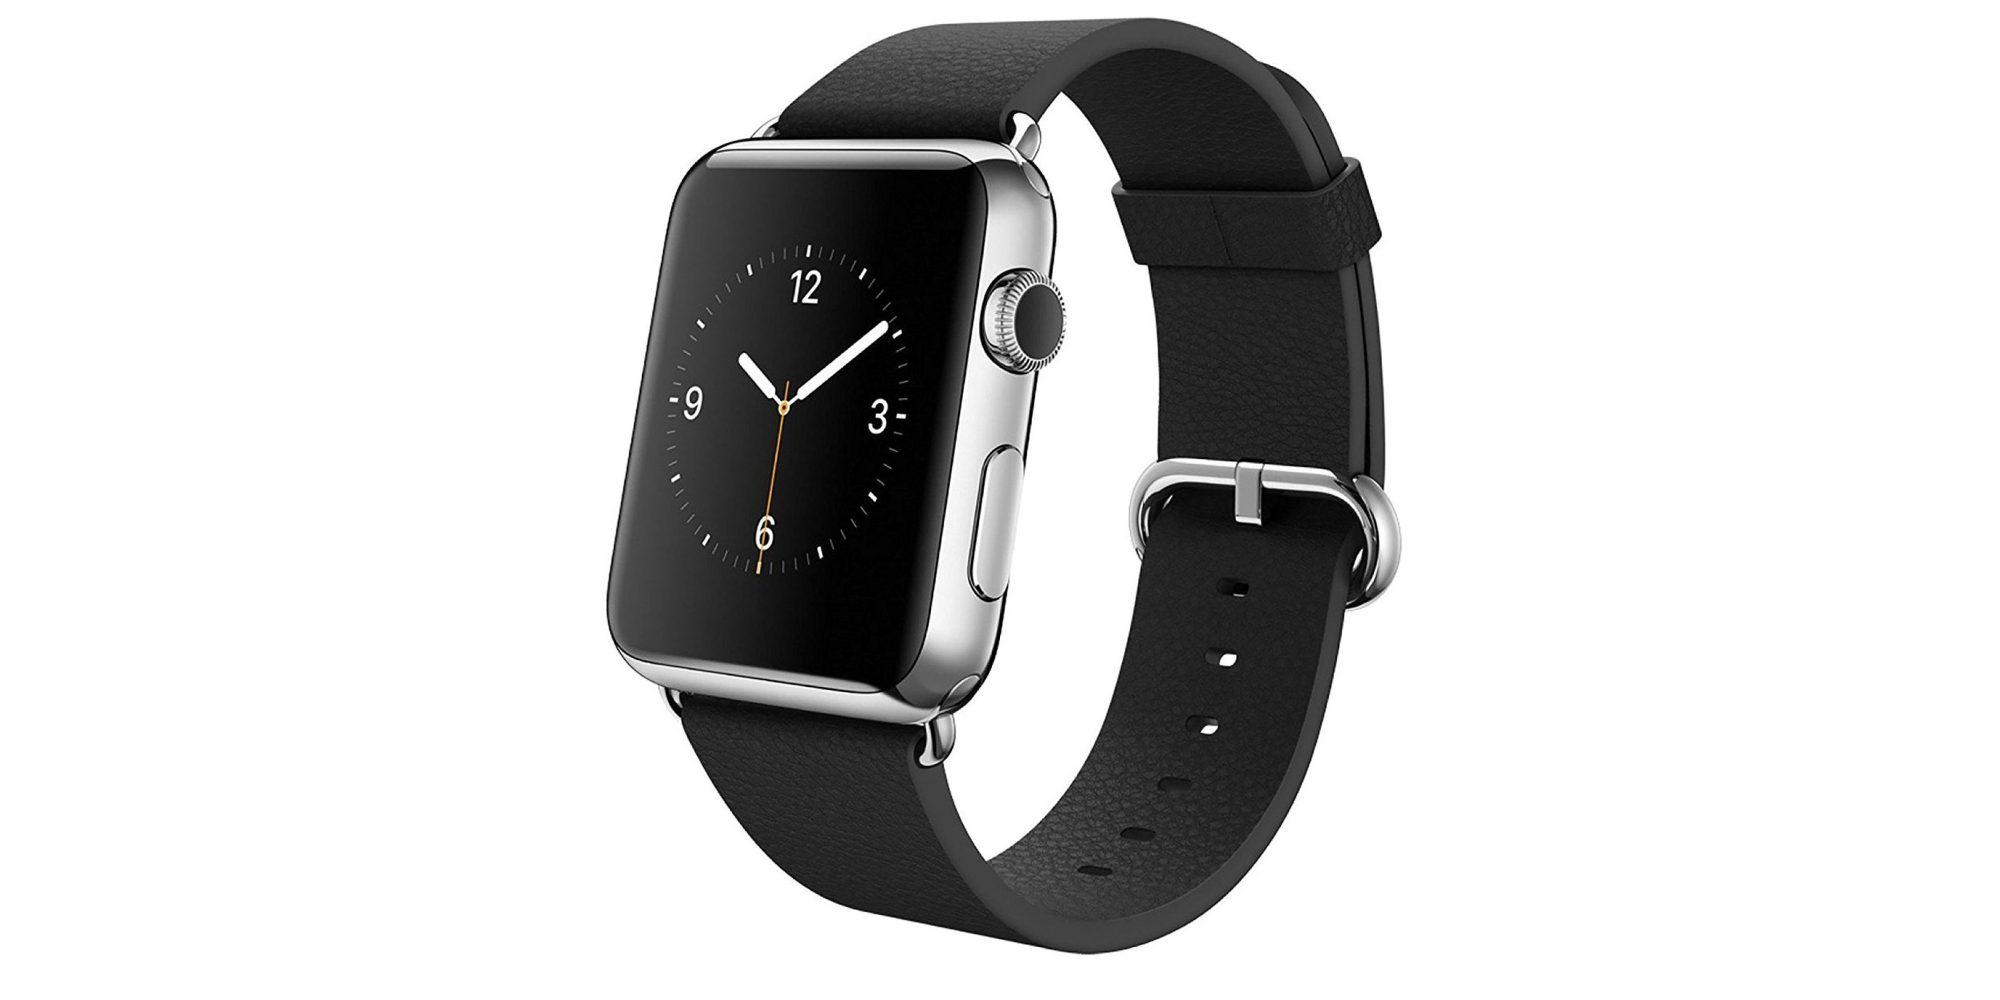 apple-watch-1 generacion extiende garantia